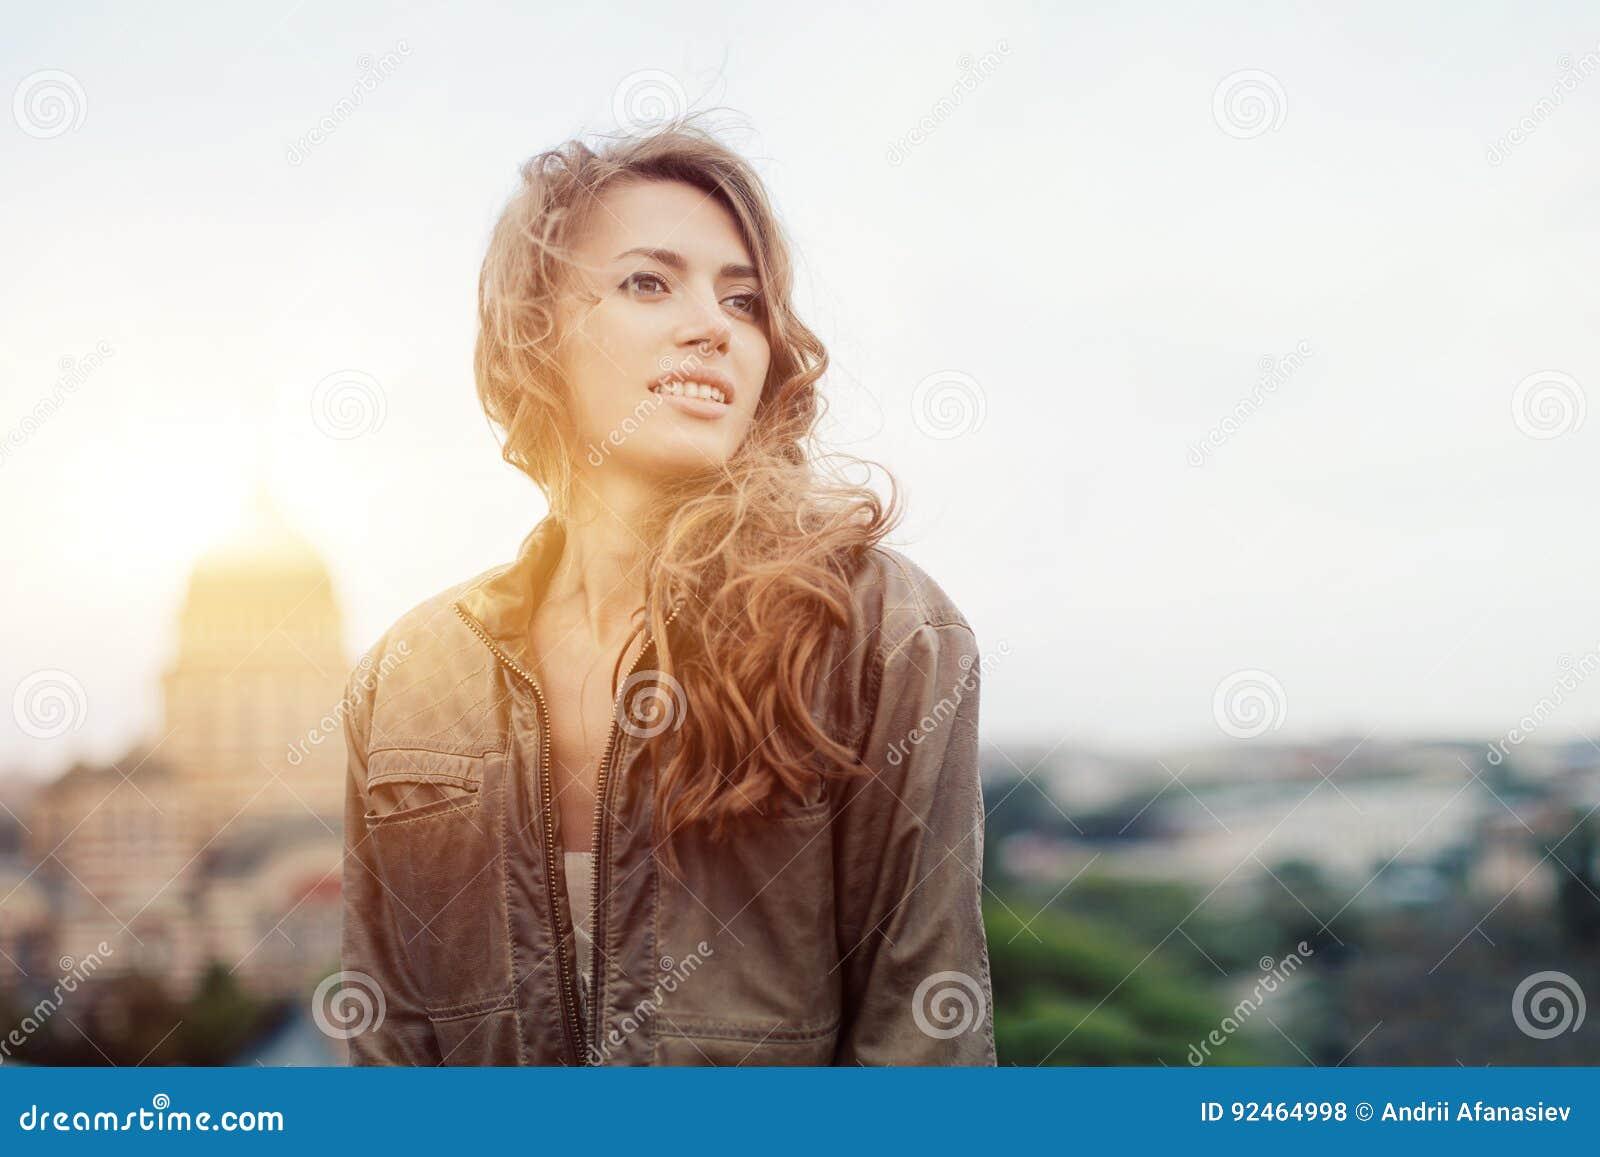 Junge attraktive Frau mit guter Laune schöne Stadtlandschaft bei der Stellung genießend auf einem Dach des Gebäudes, bezaubernde